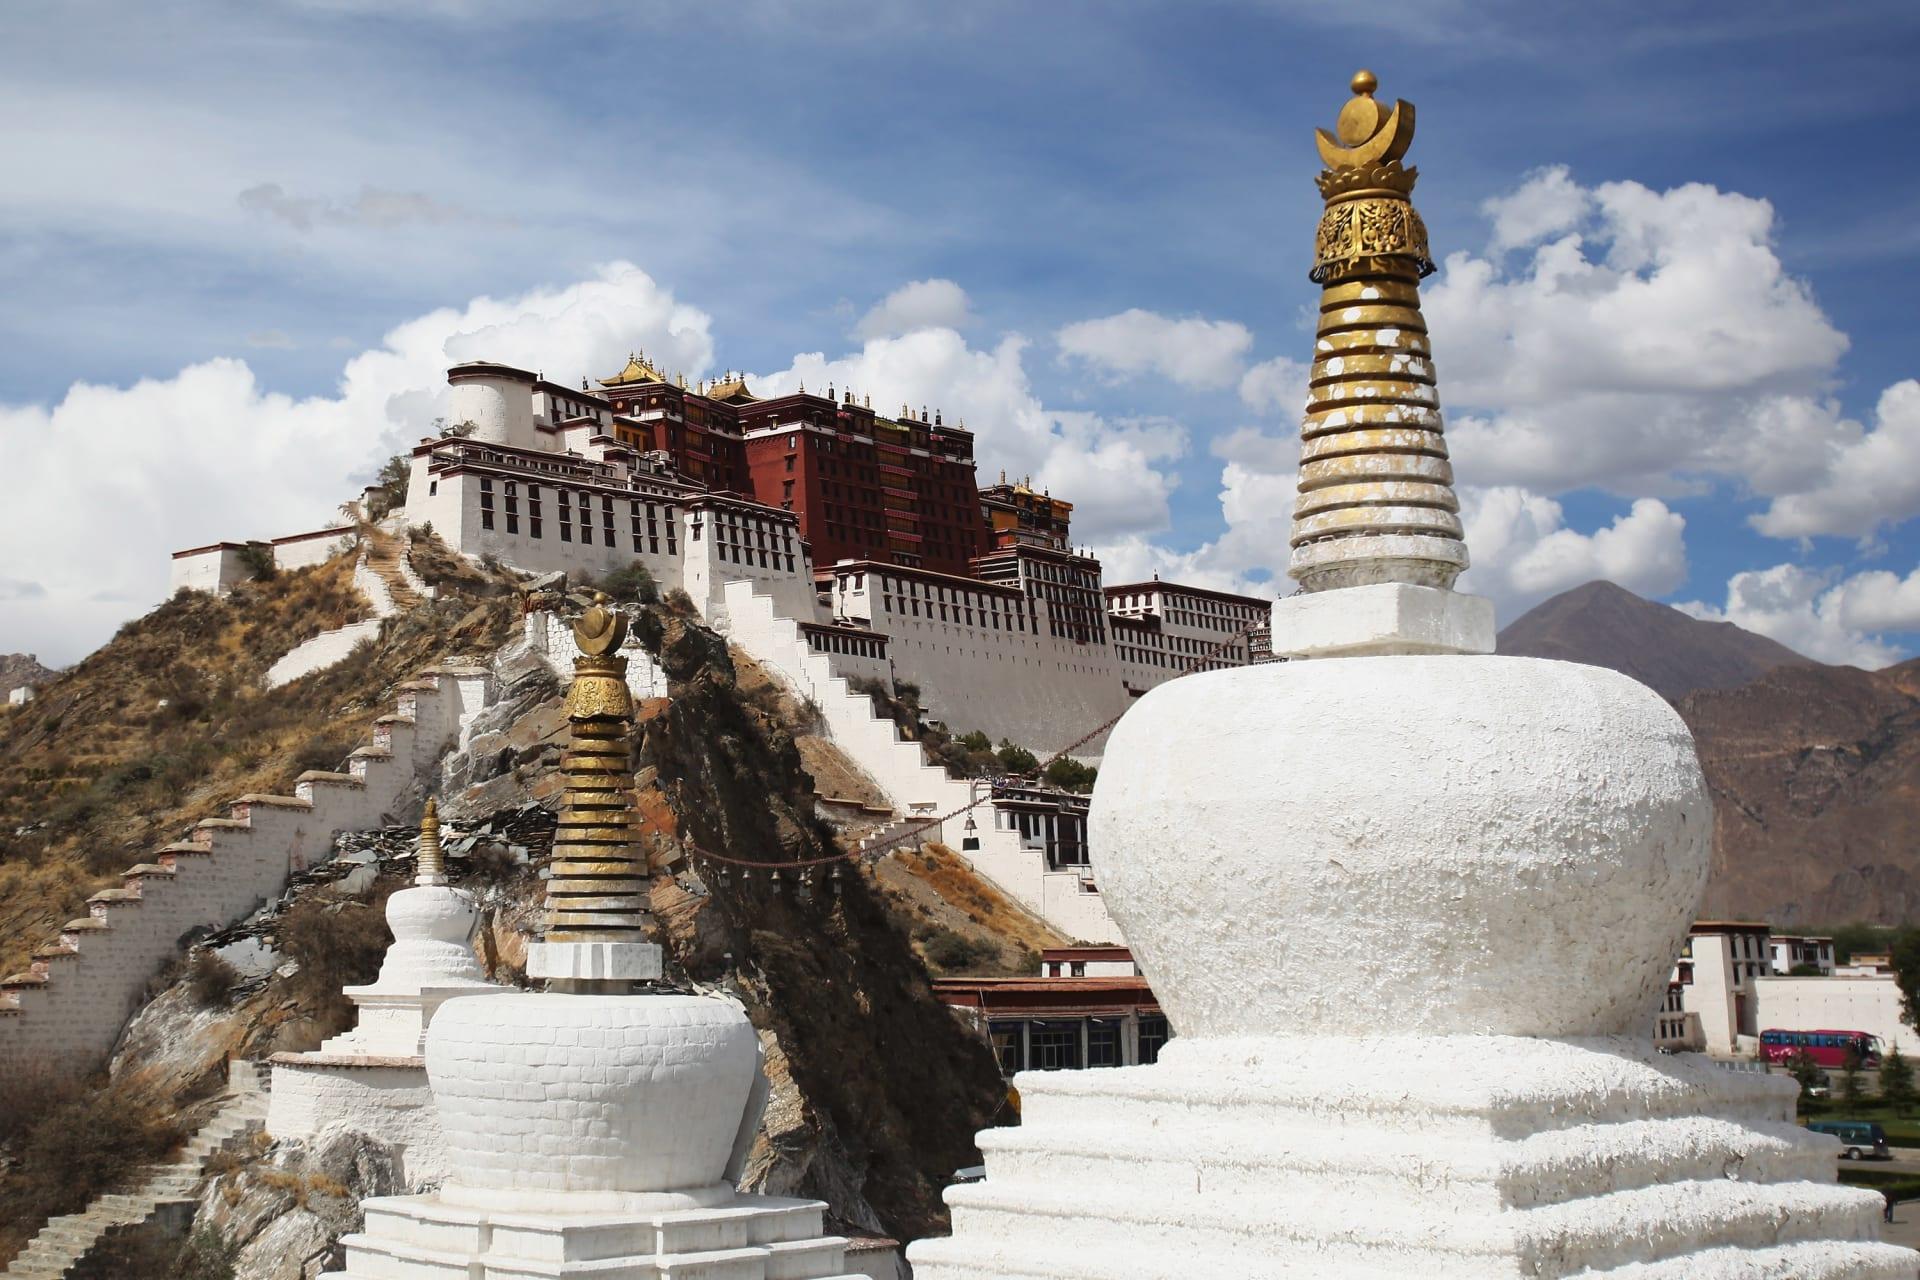 بعد إغلاق حدودها على الأجانب... ماهو سر ازدهار السياحة في التبت؟